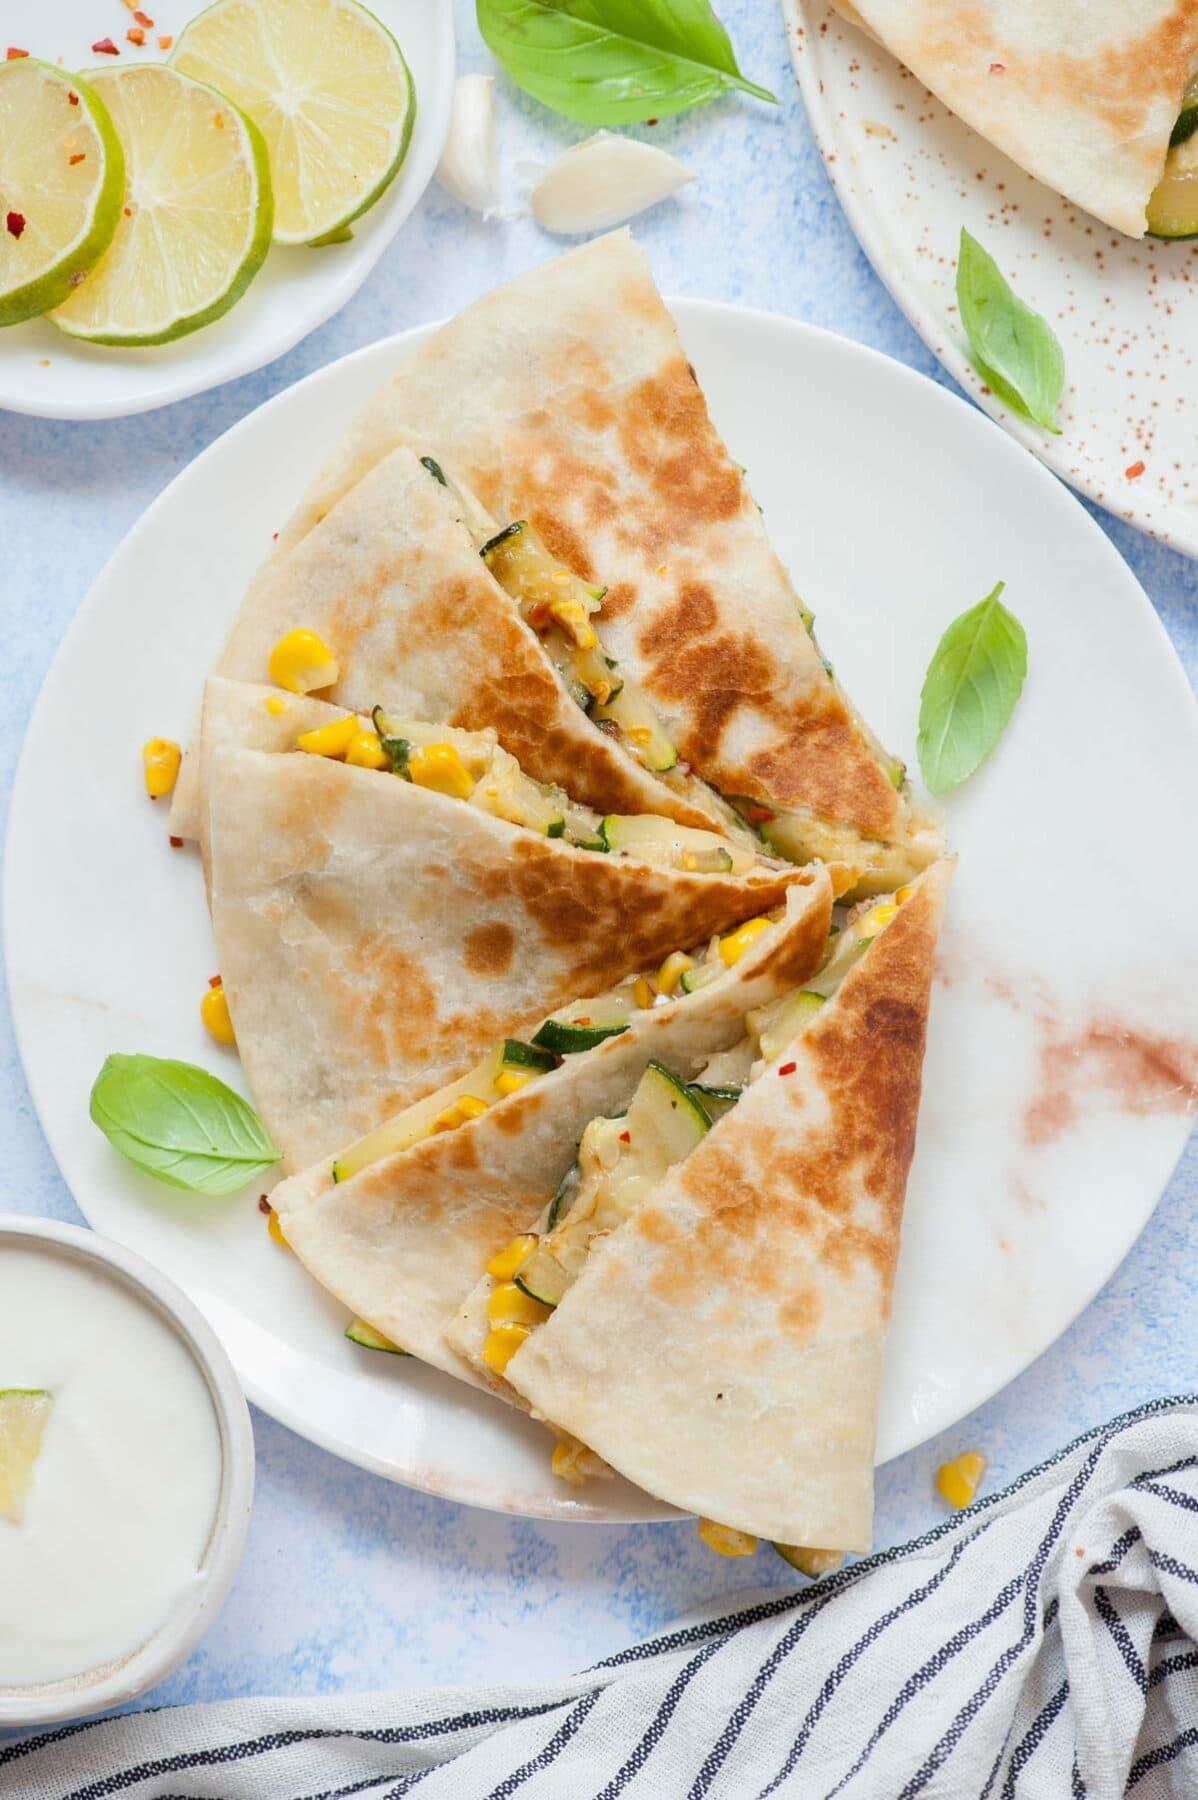 Zucchini quesadilla triangles on a white plate.